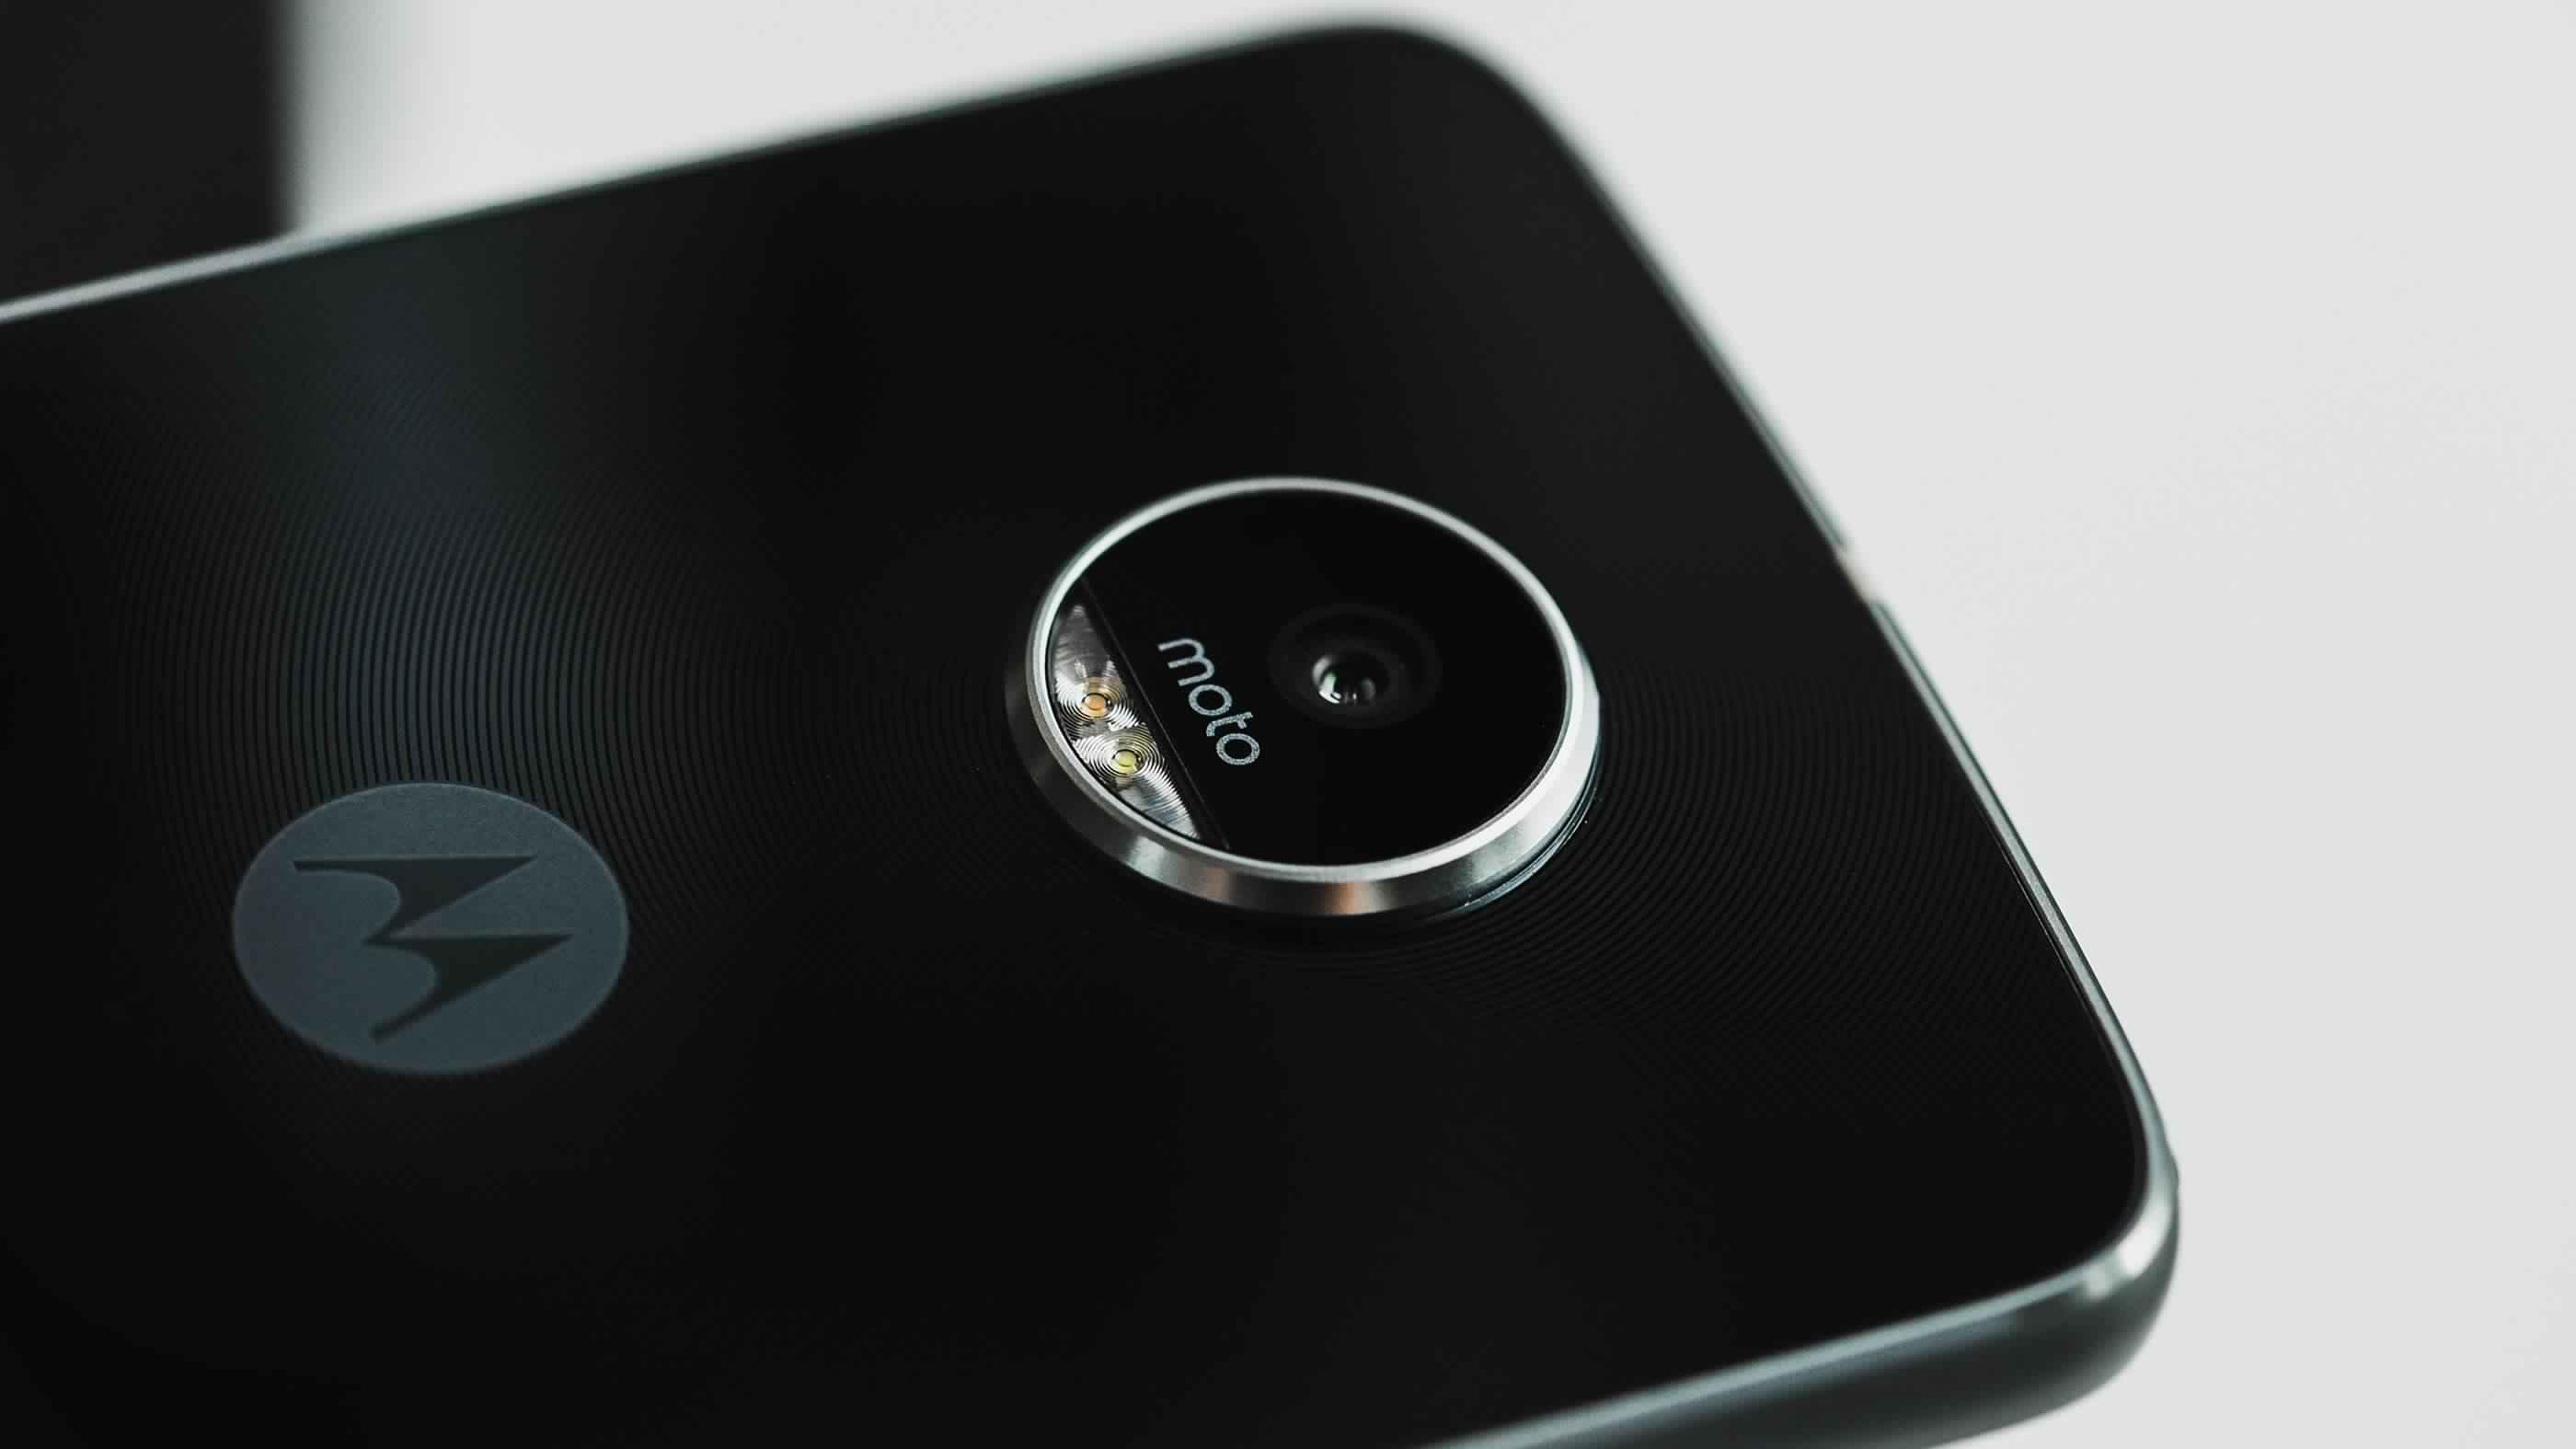 موتورولا تكشف عن هاتفها Moto X4 2017 | بوابة الموبايلات